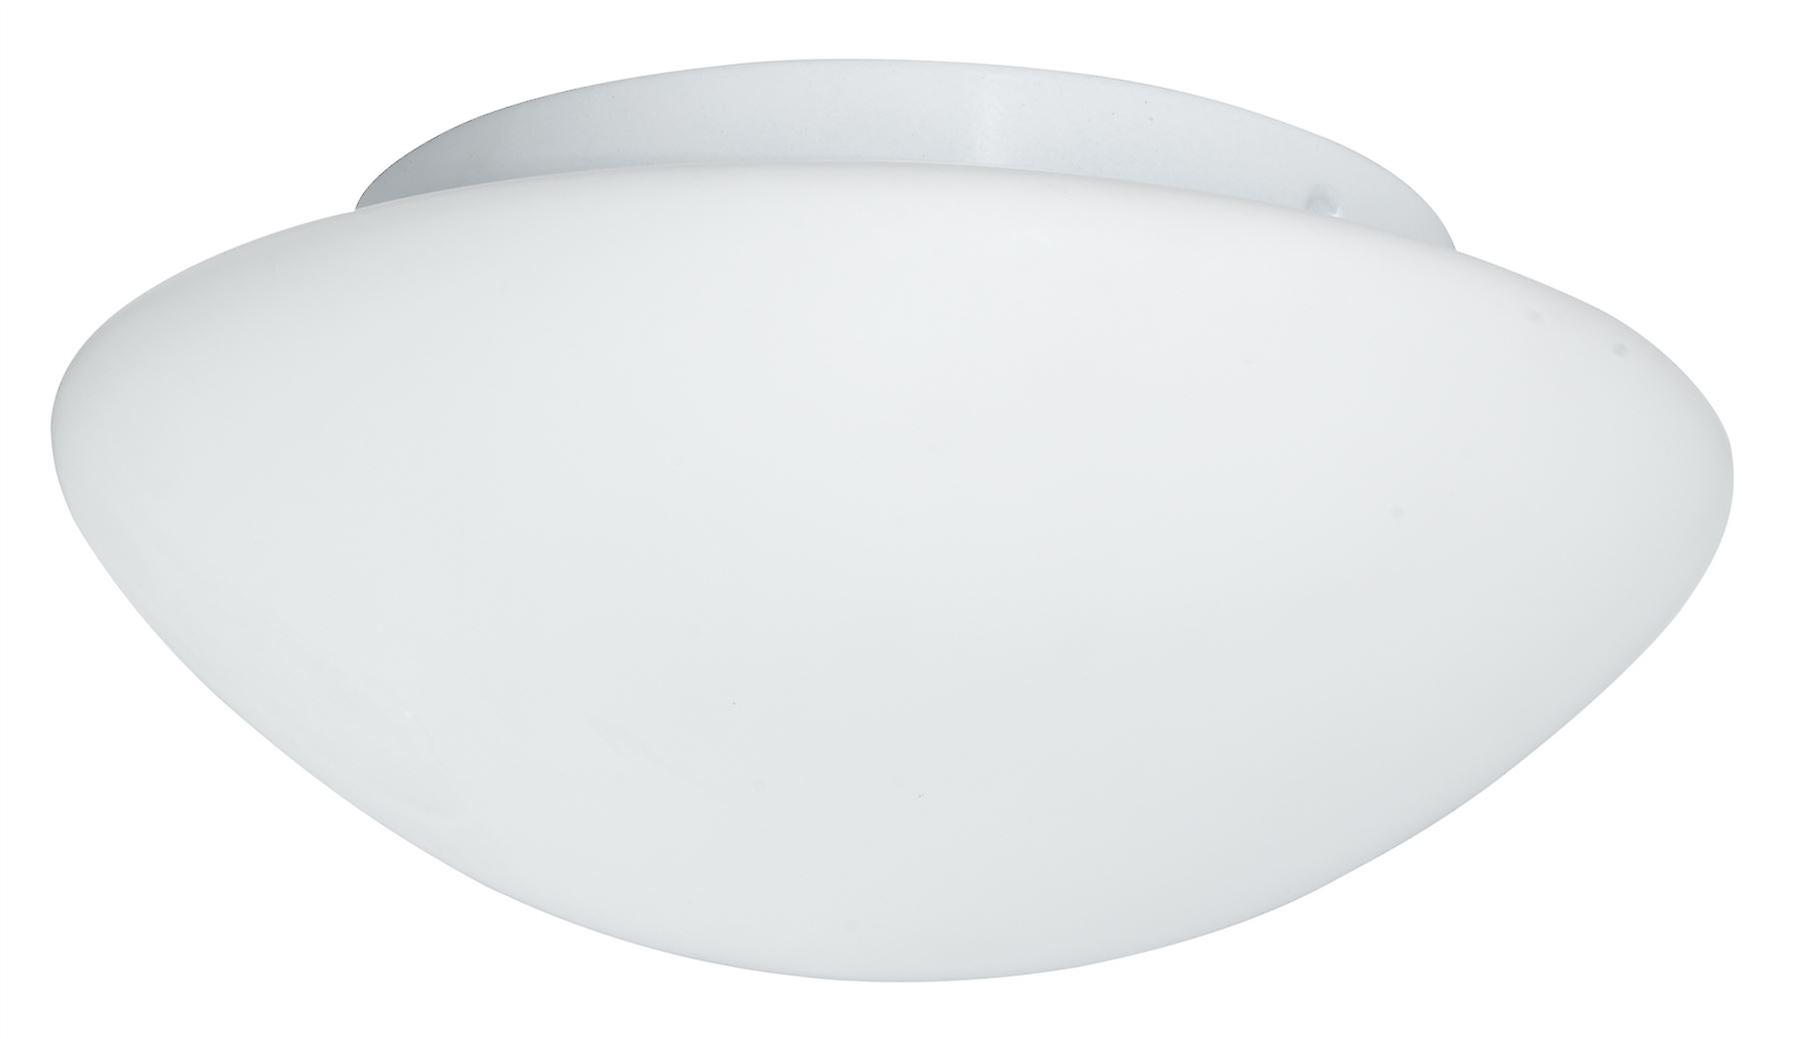 Opal blanc 28cm Flush Ceiling lumière Fixture - Searchlumière 1910-28